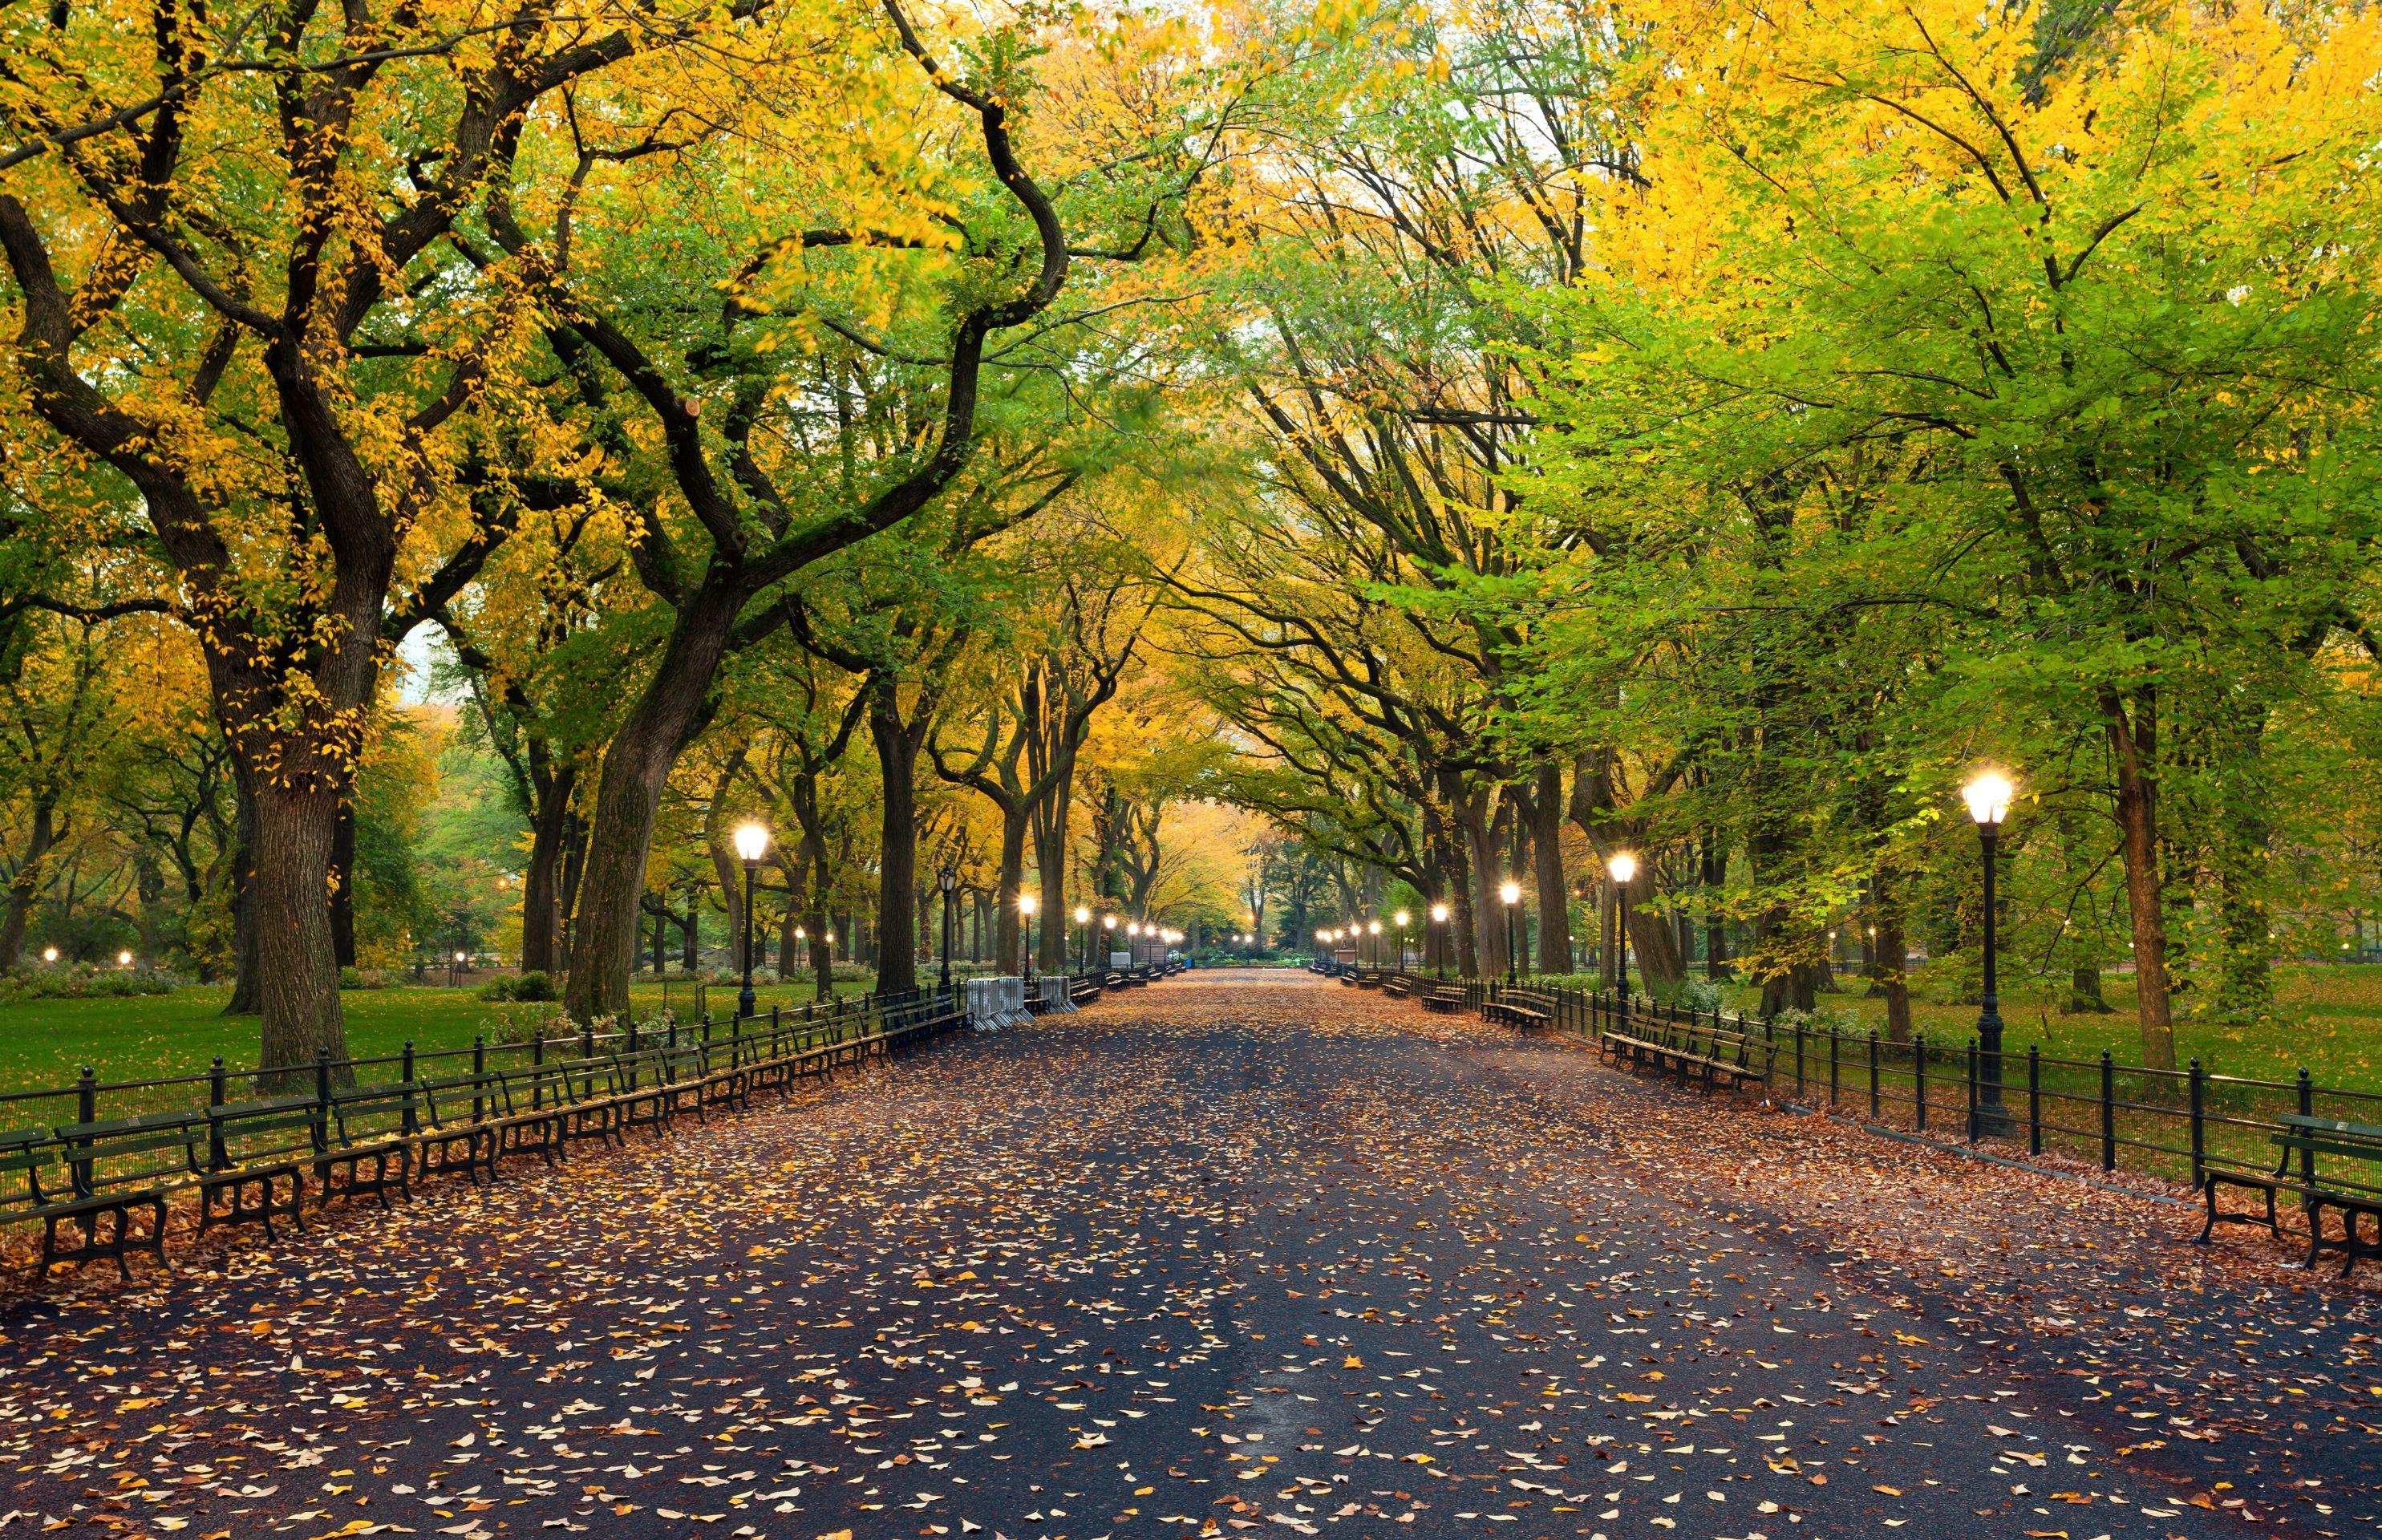 เซ็นทรัลพาร์ก ธรรมชาติที่ลงตัวกลางนิวยอร์ค